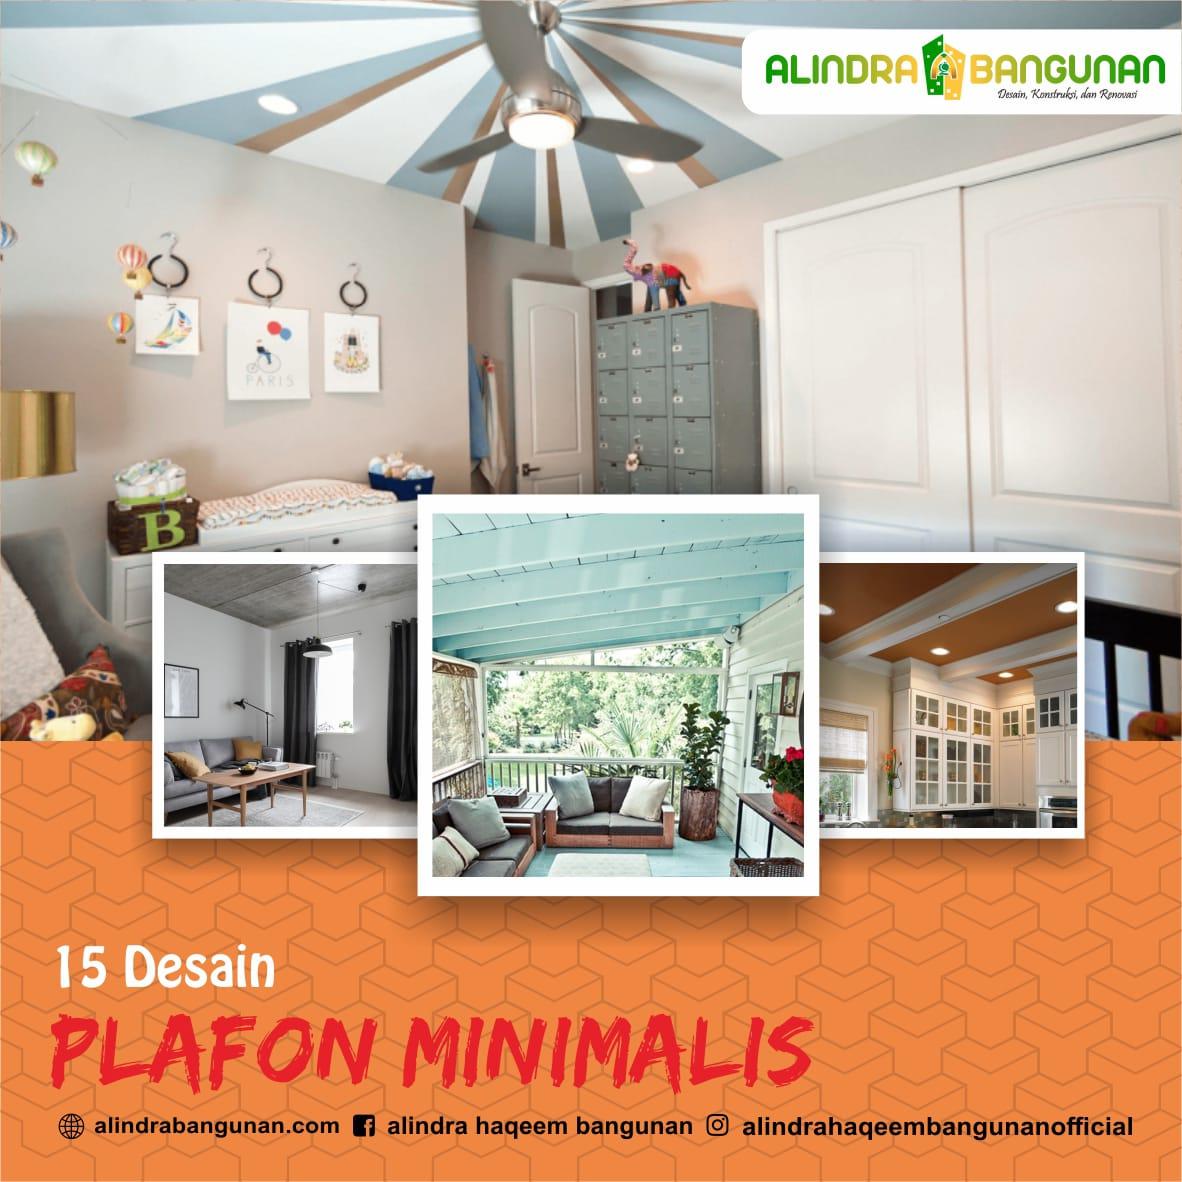 Pentingnya Jasa Desain: 15 Desain Plafon Minimalis Untuk Rumah Kecil, Yang Bisa